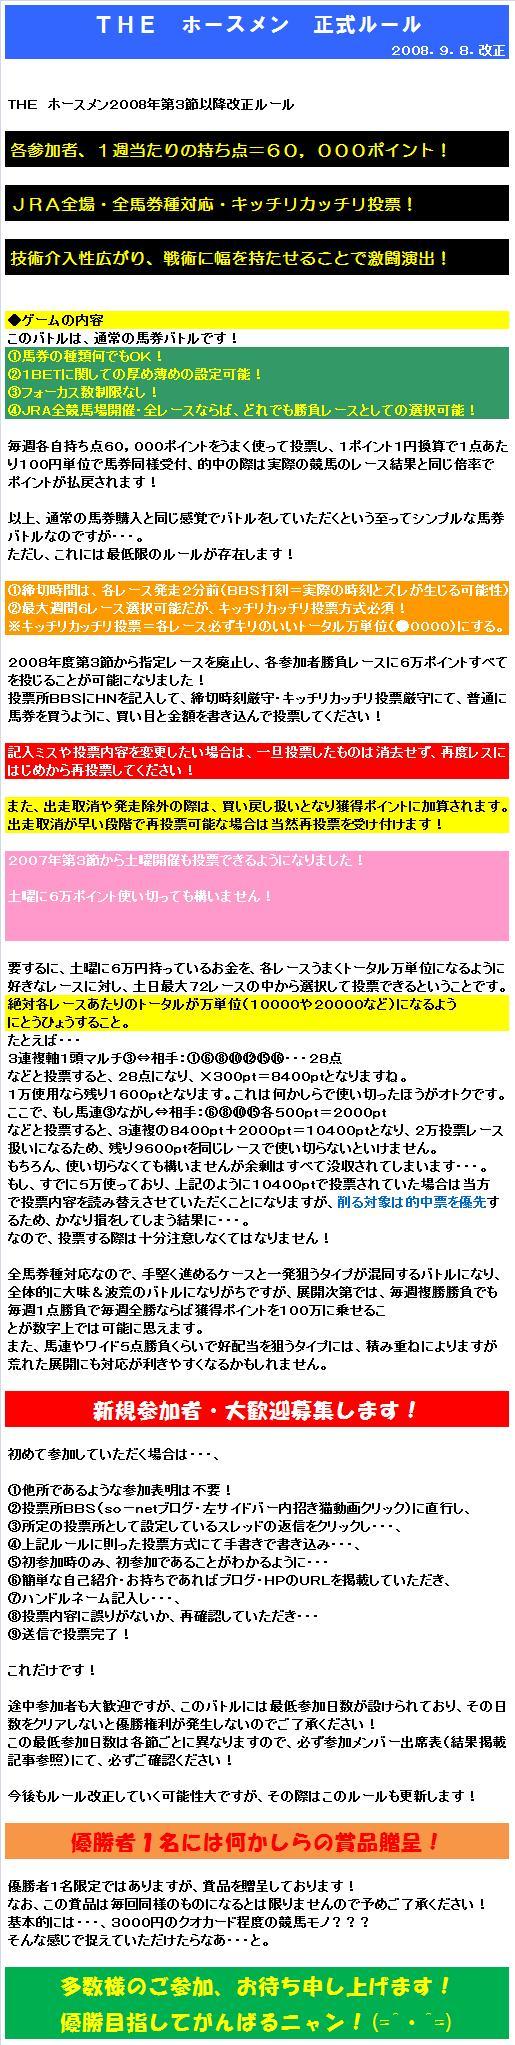 20090714・ホースメンルール.jpg